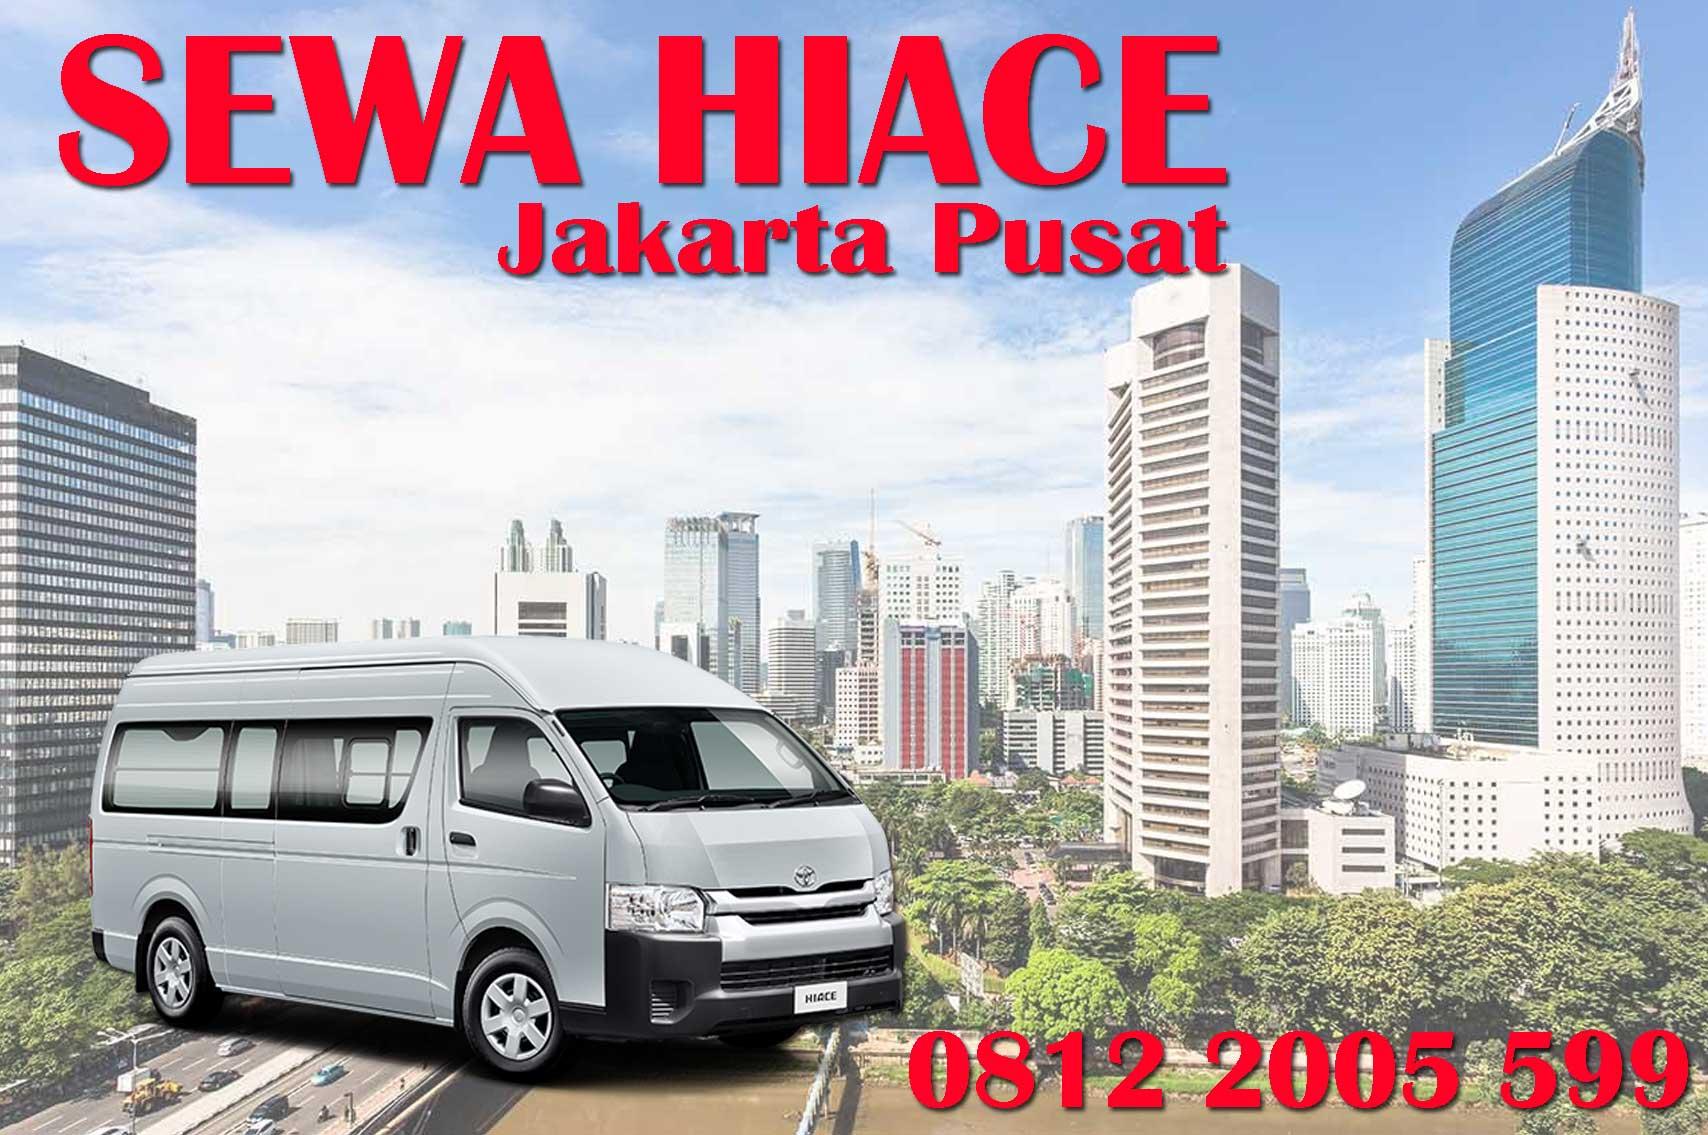 Sewa Hiace Murah Jakarta Pusat